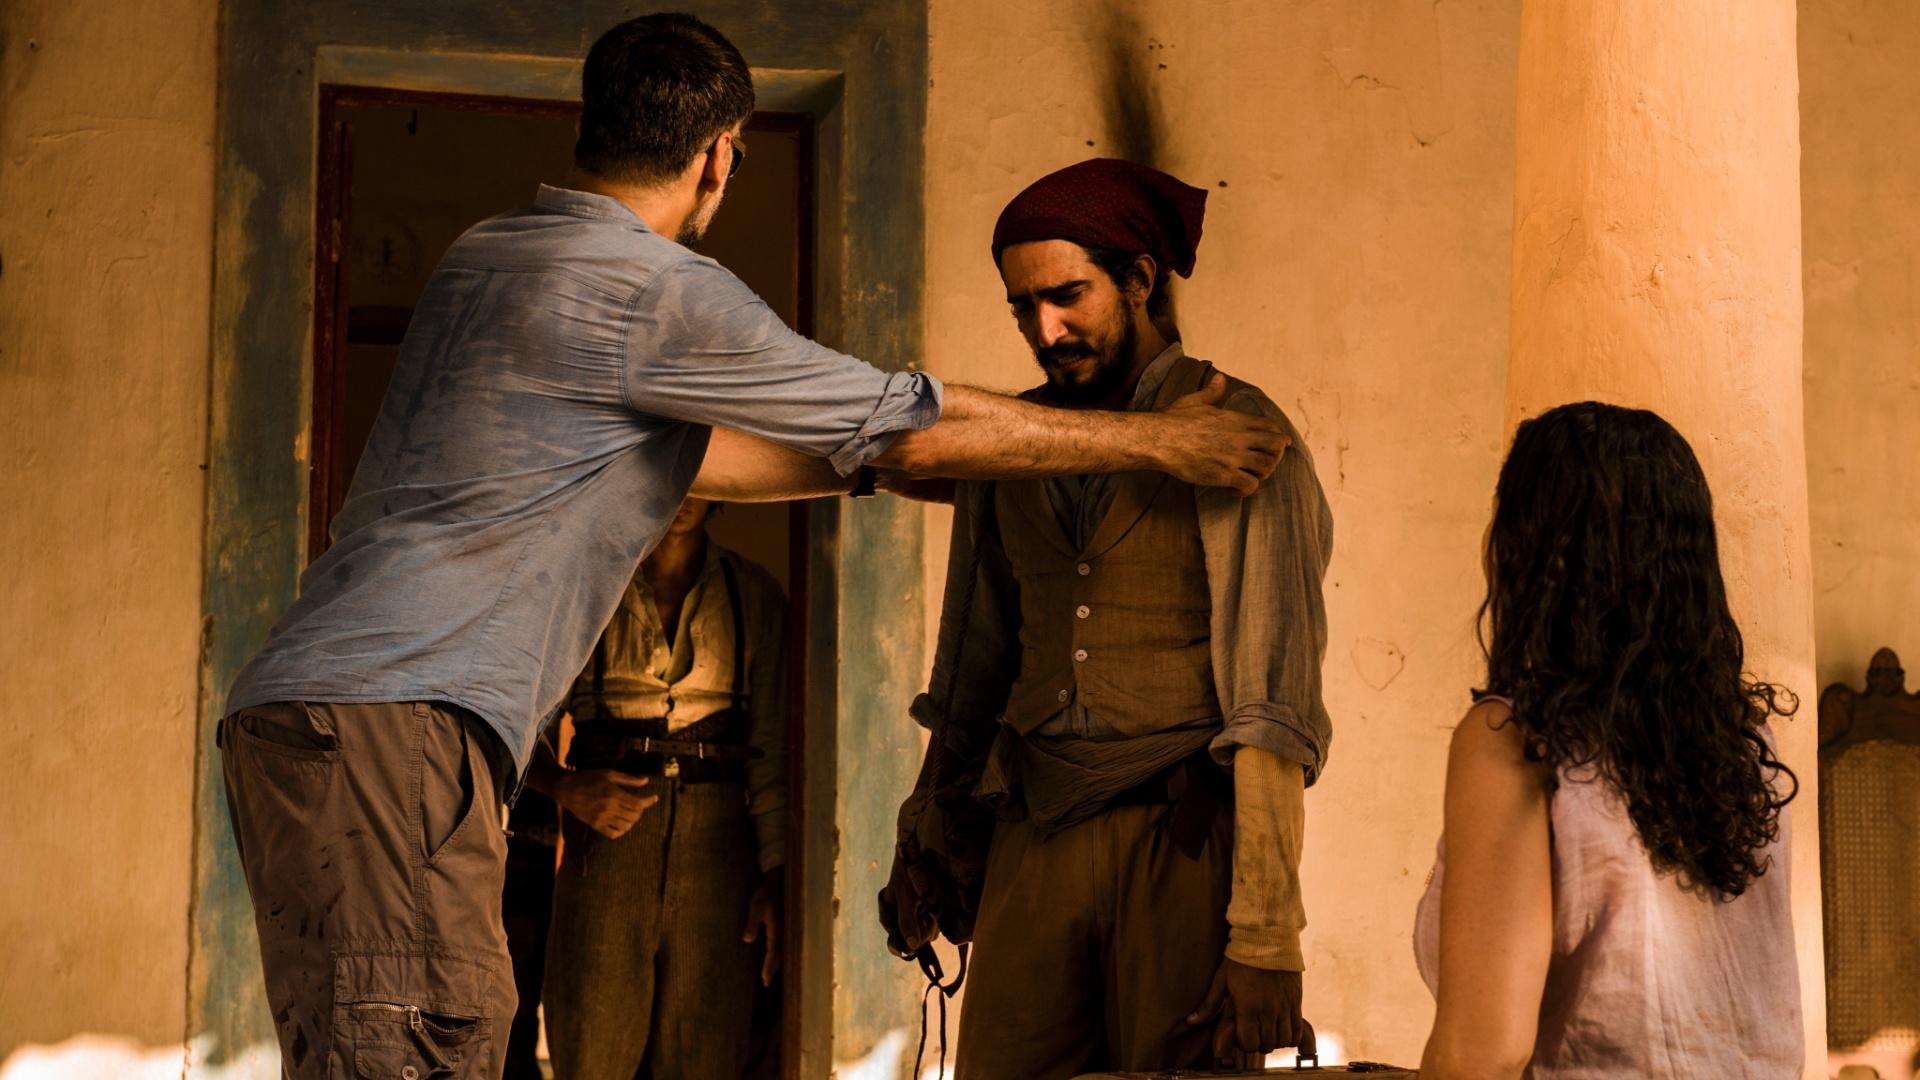 O diretor Luiz fernando Carvalho (esq.) dá instruções ao ator Renato Góes (Santo) durante gravação no interior de Alagoas.